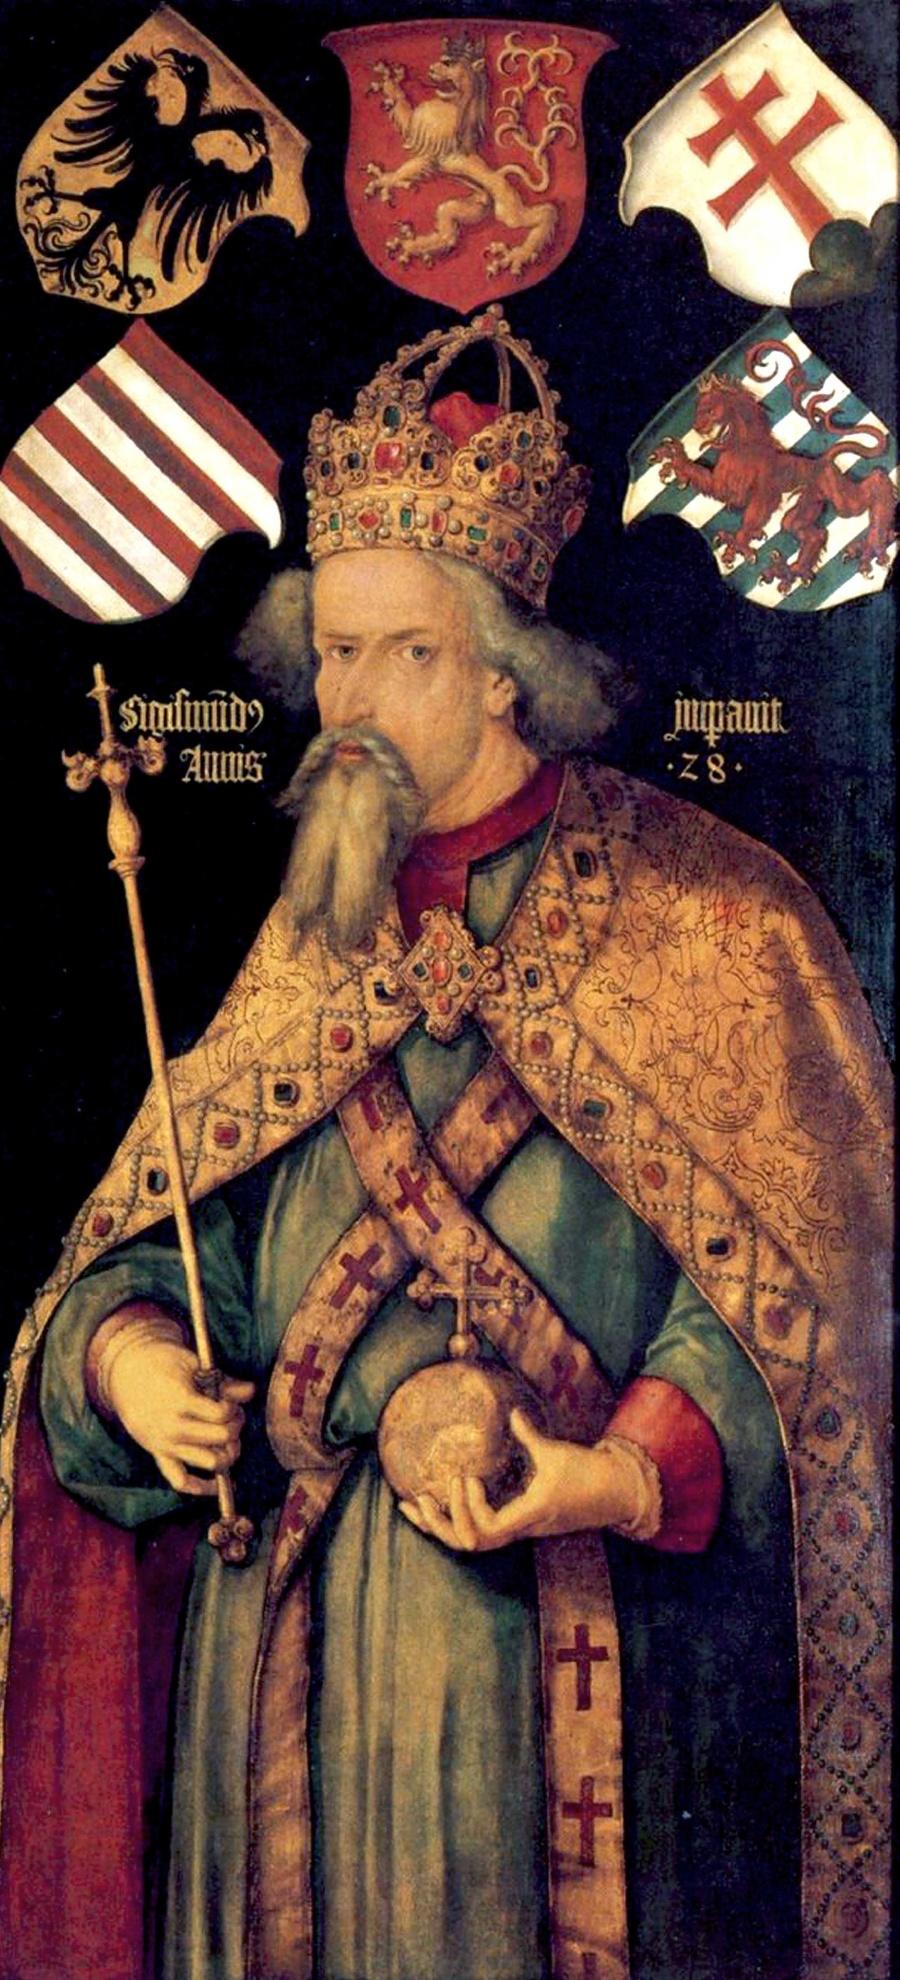 Kráľ Žigmund hrad daroval v roku 1424 kráľovnej Barbore.